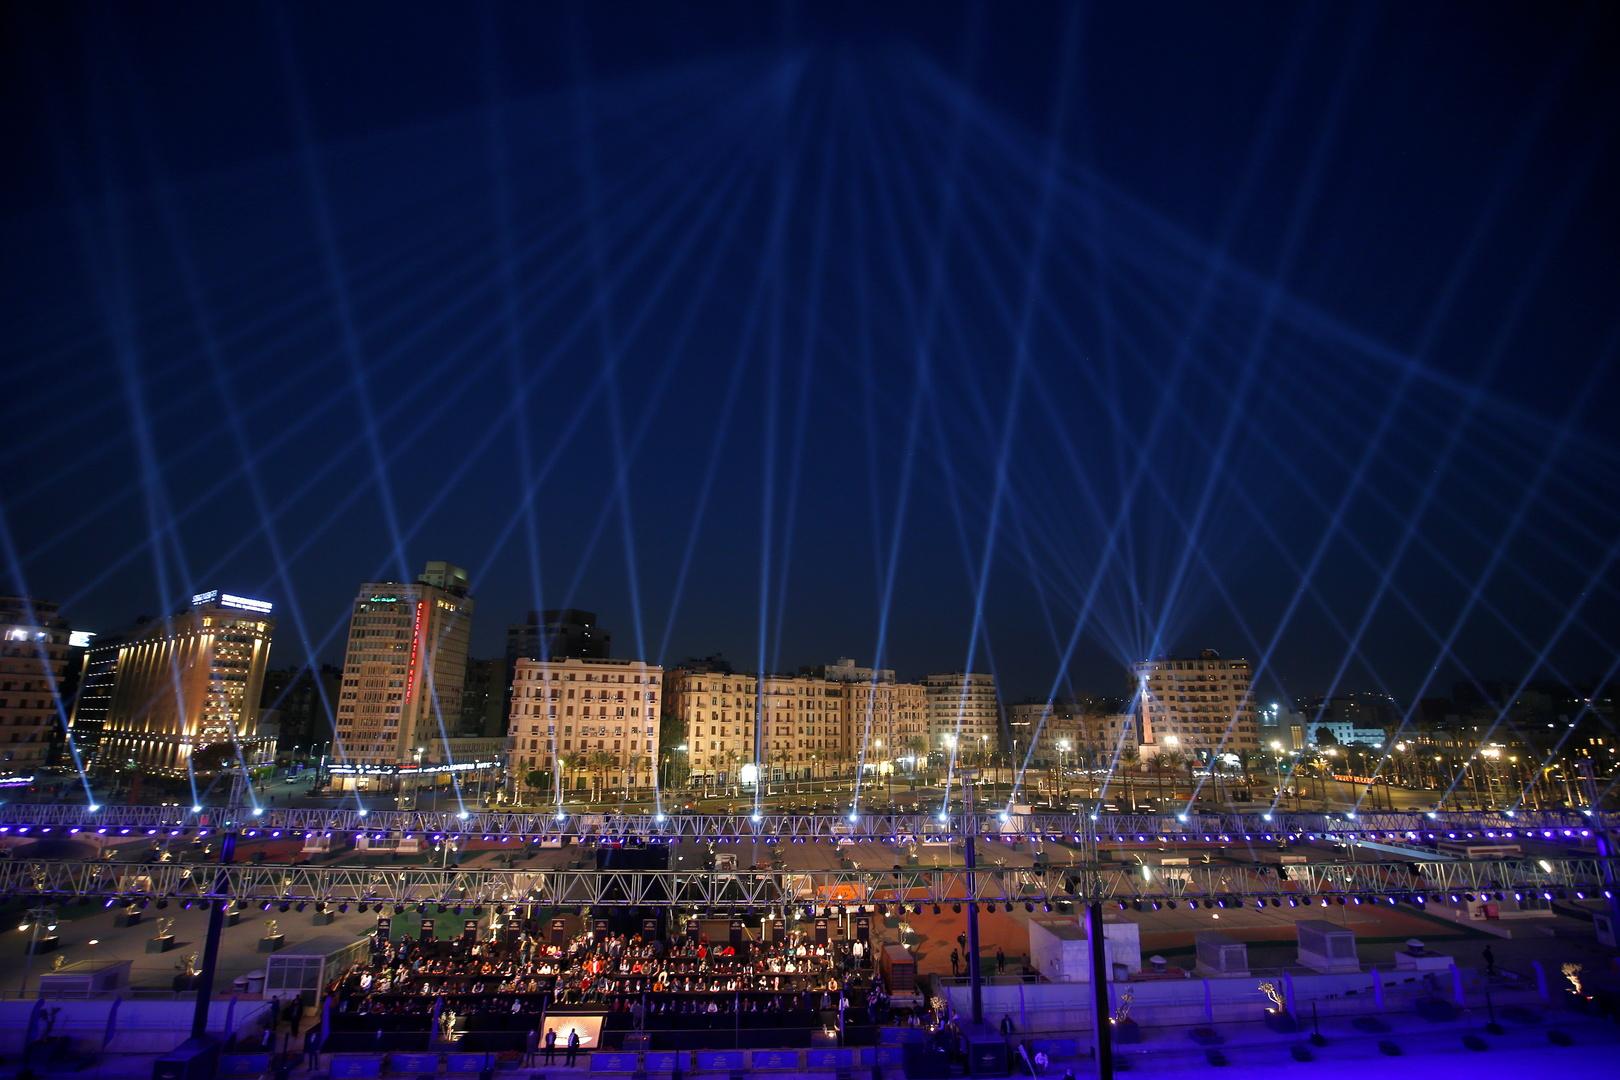 العاصمة المصرية القاهرة خلال احتفالات نقل المومياء